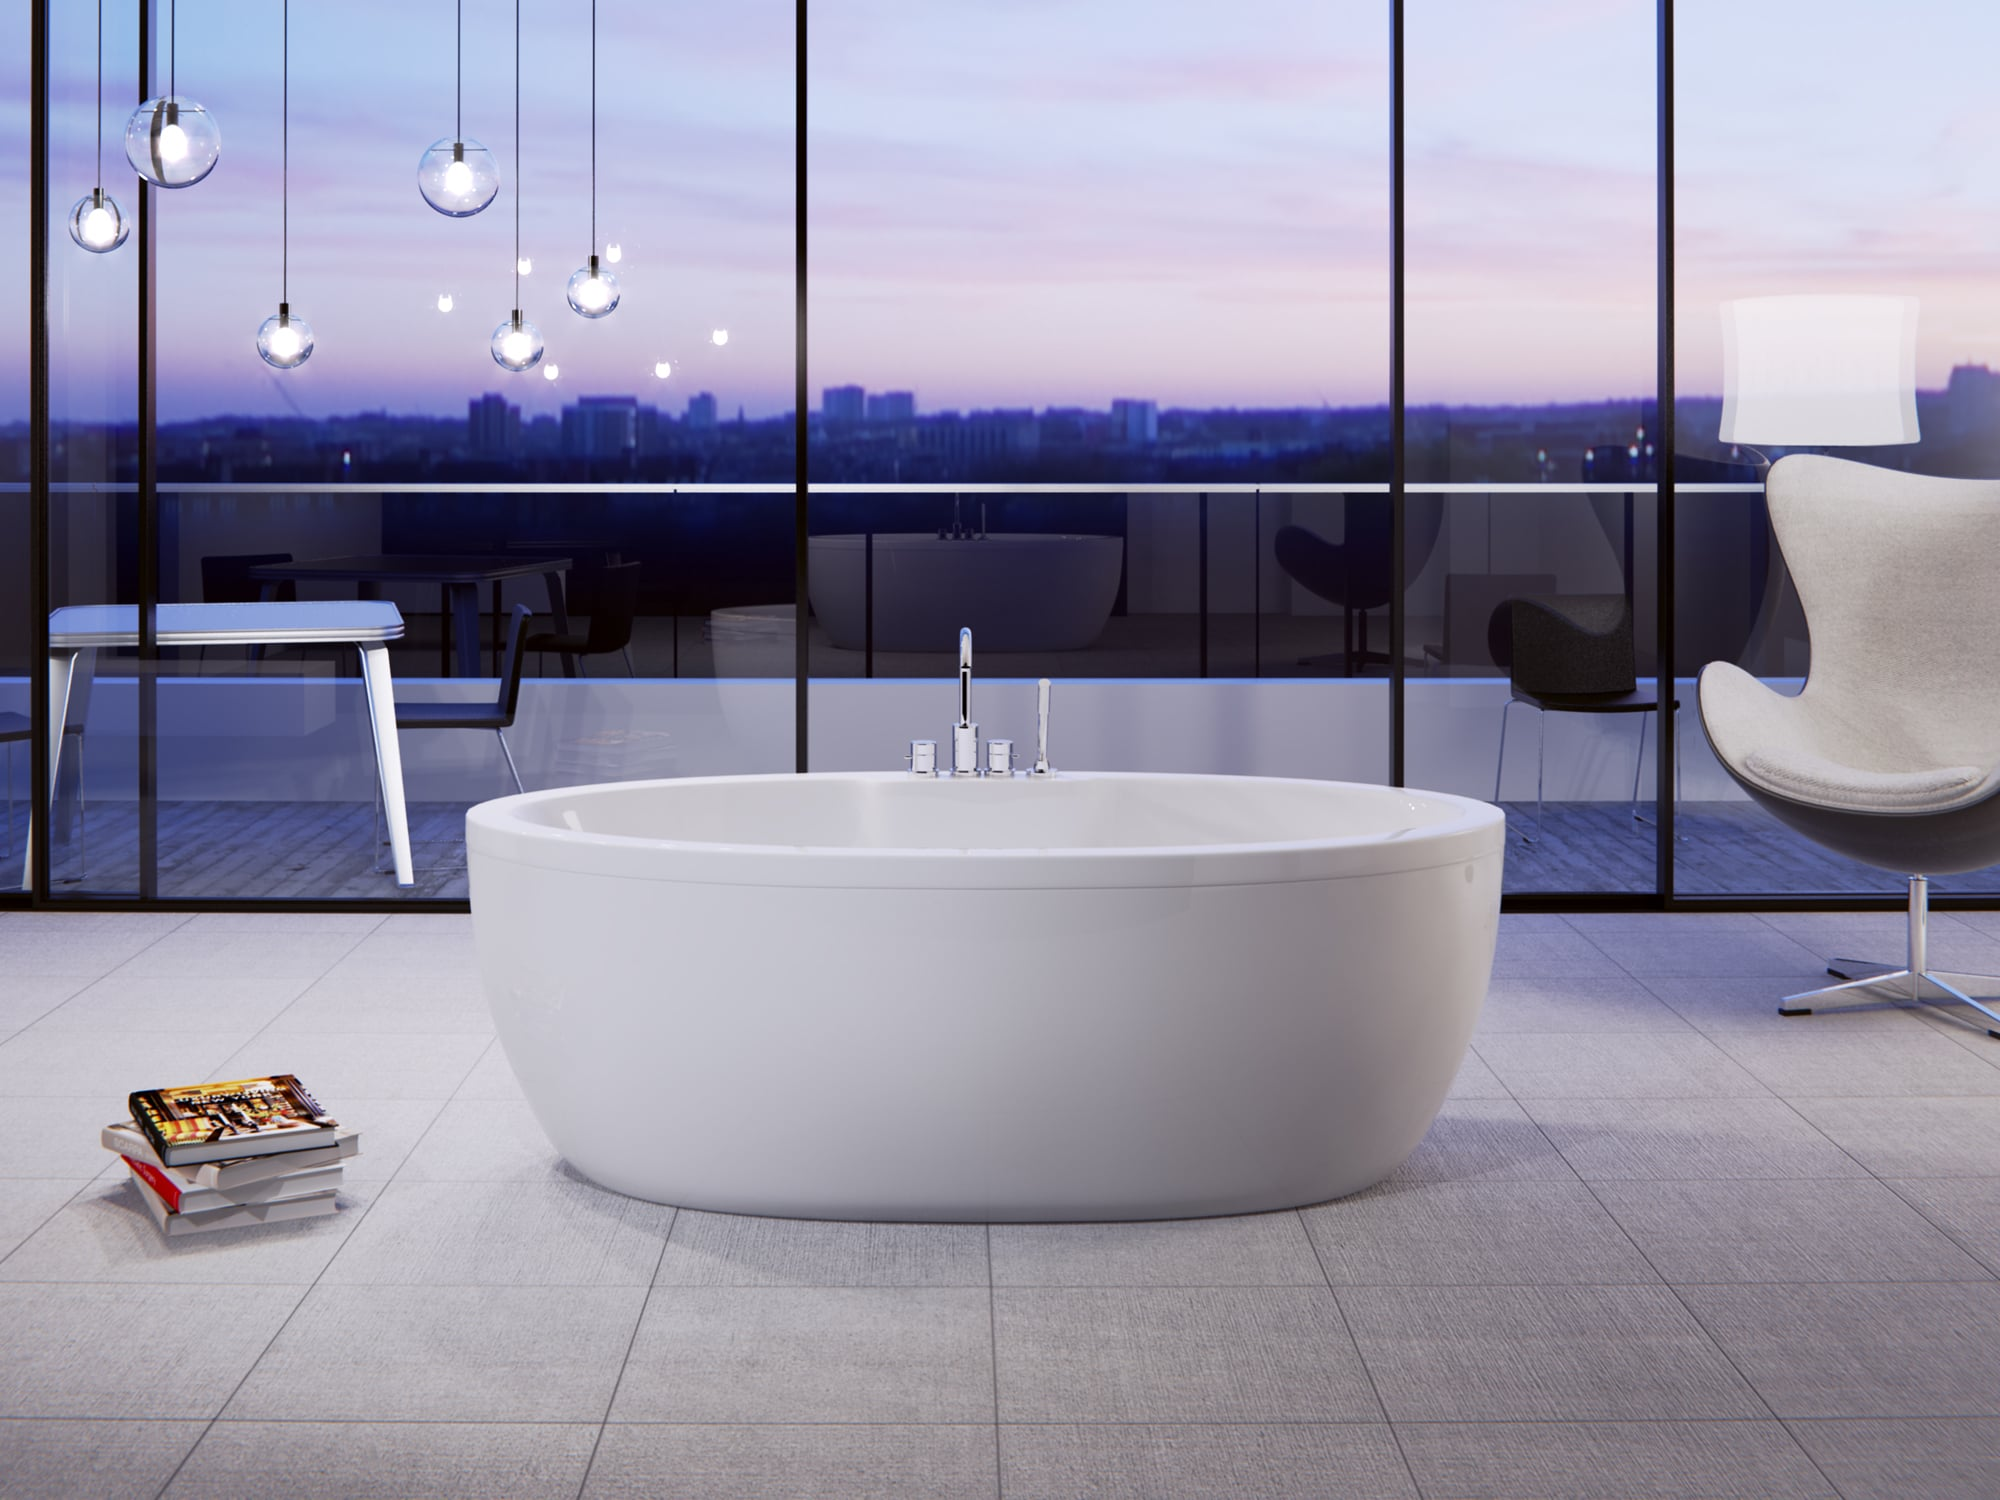 R ver de bain ou d 39 une baignoire divinatix - Peut on repeindre une baignoire ...